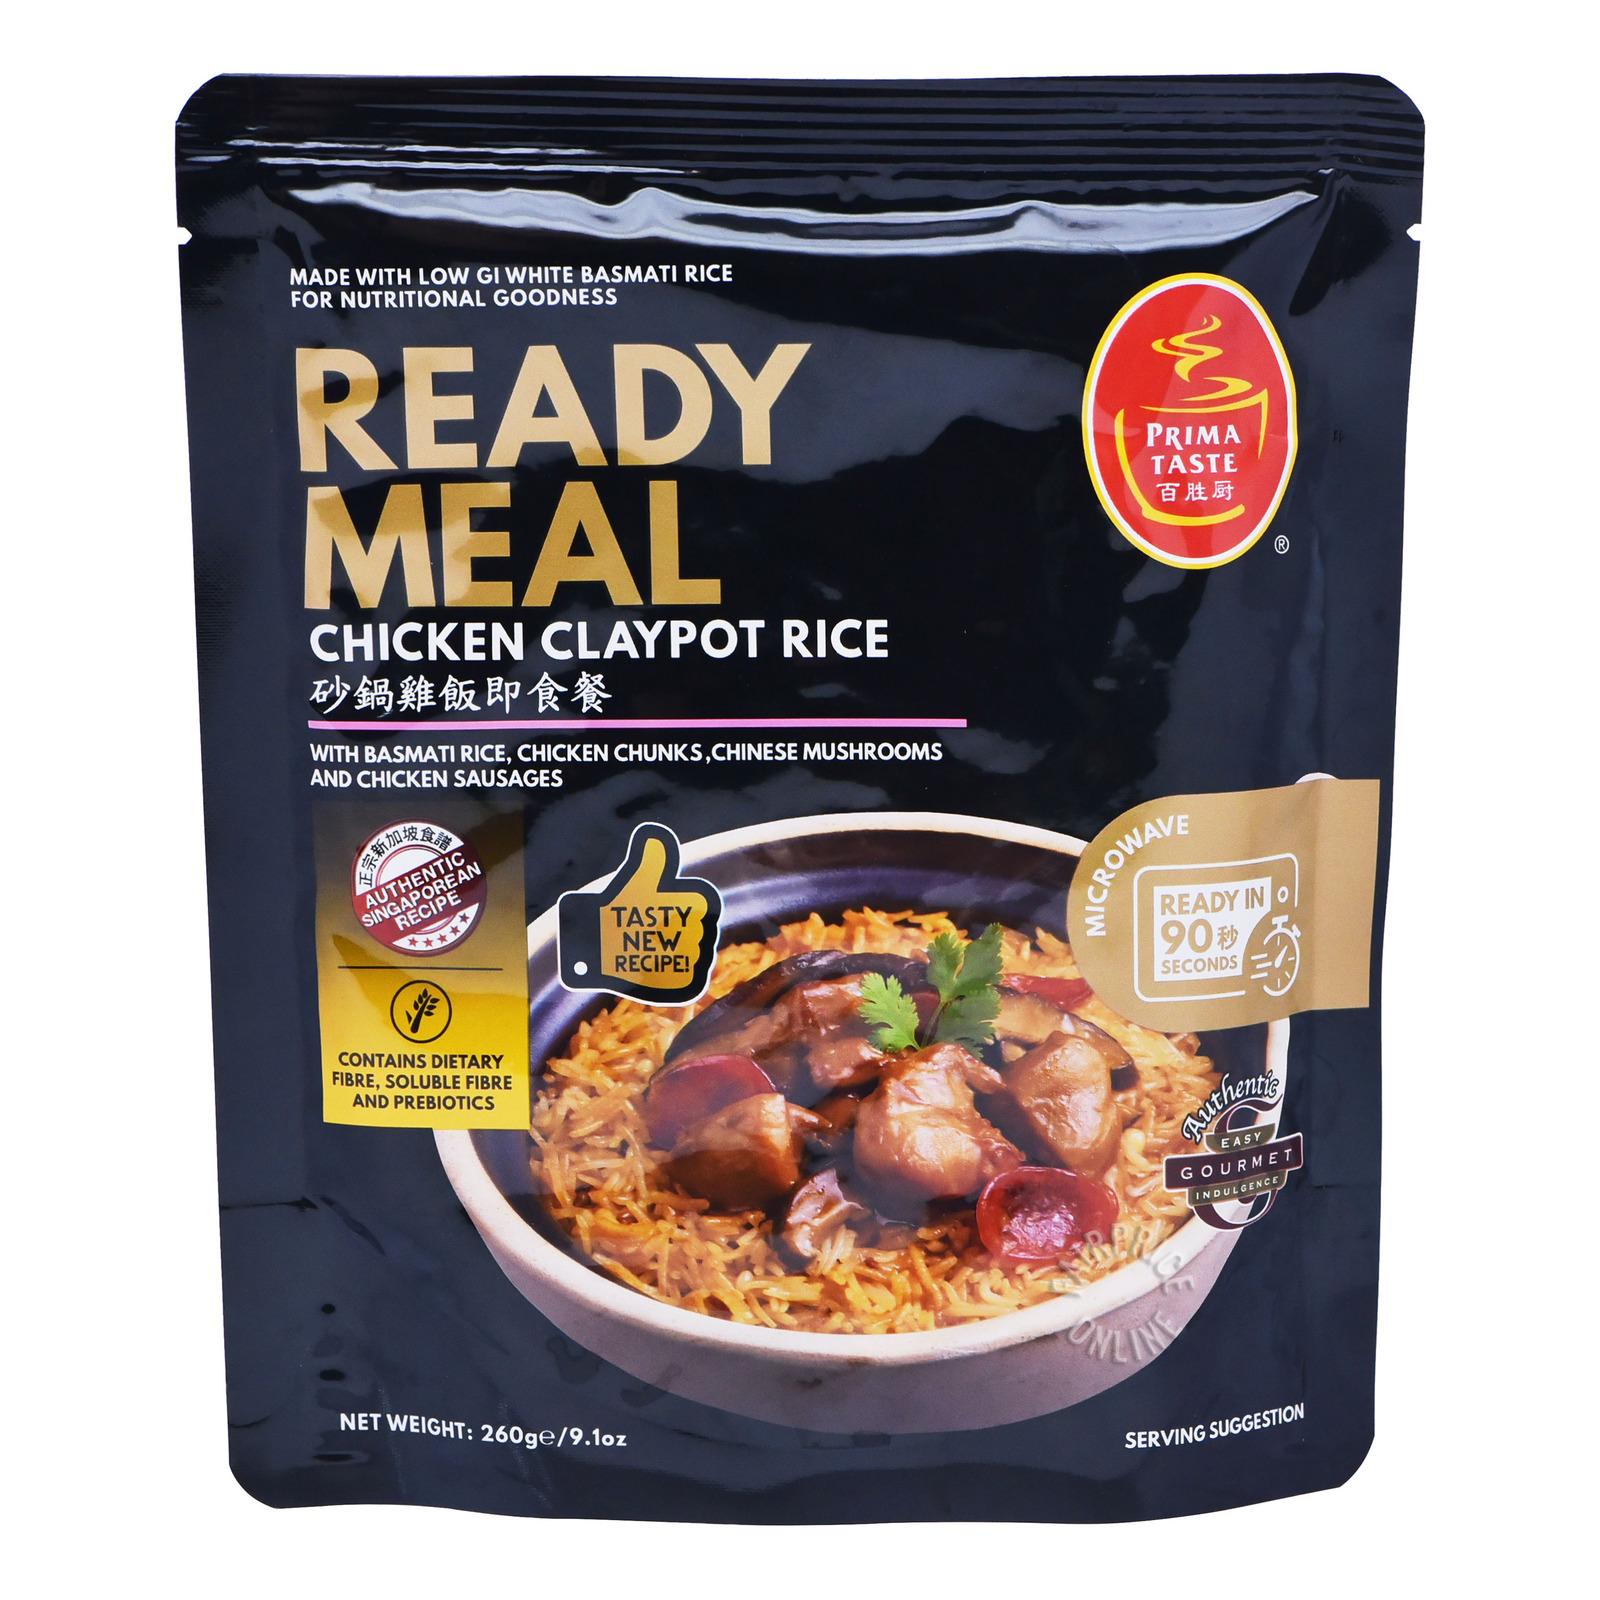 Prima Taste Ready Meal - Chicken Claypot Rice